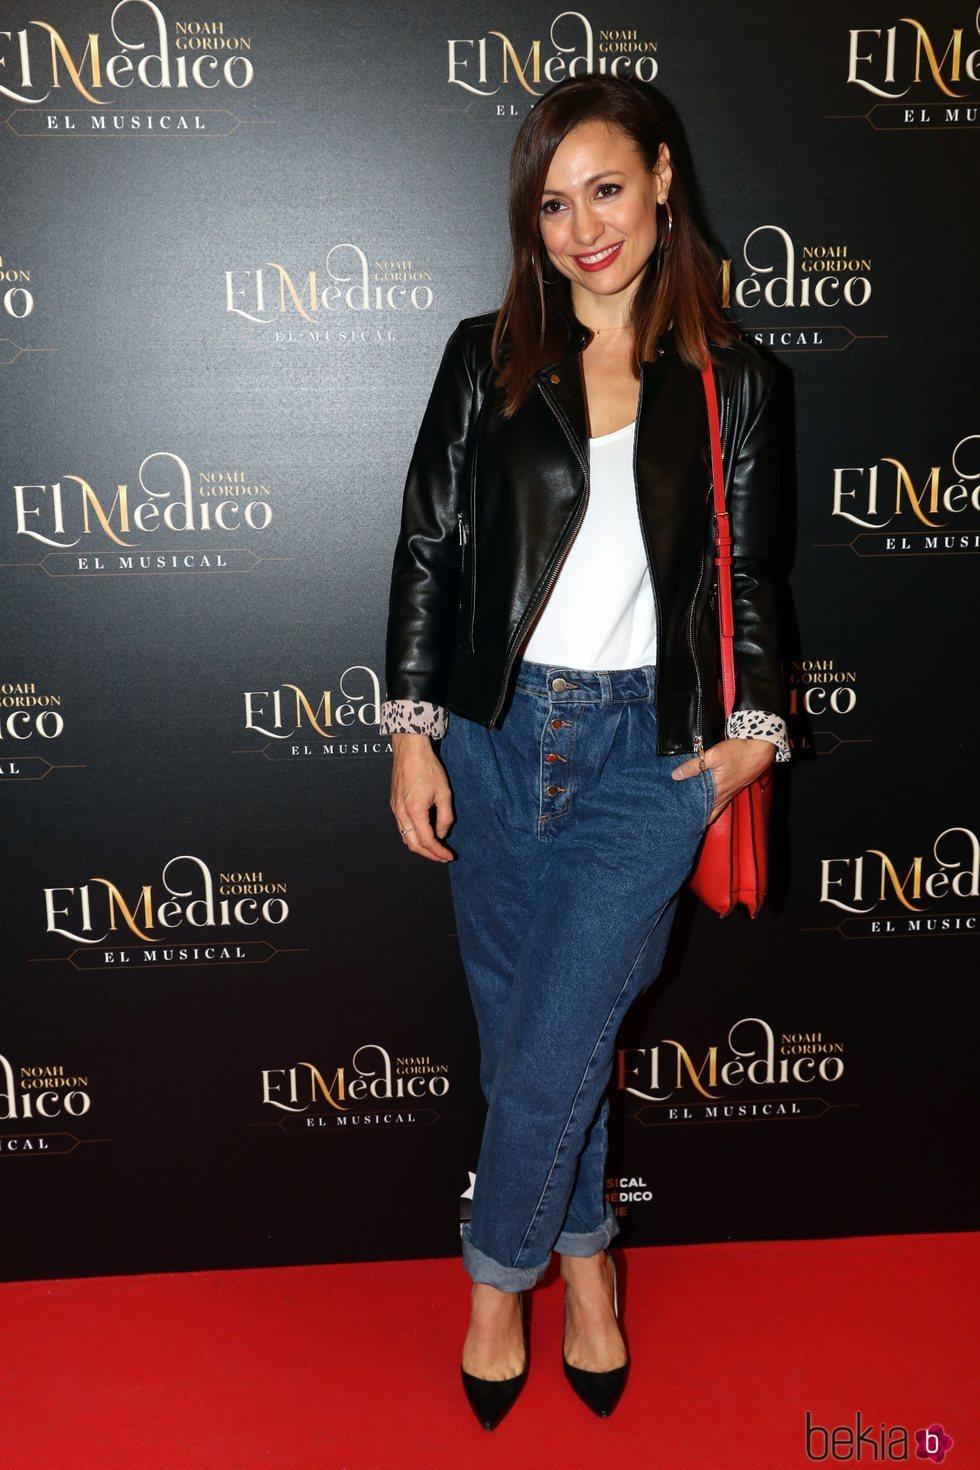 Natalia Verbeke en el estreno del musical de 'El médico' en Madrid